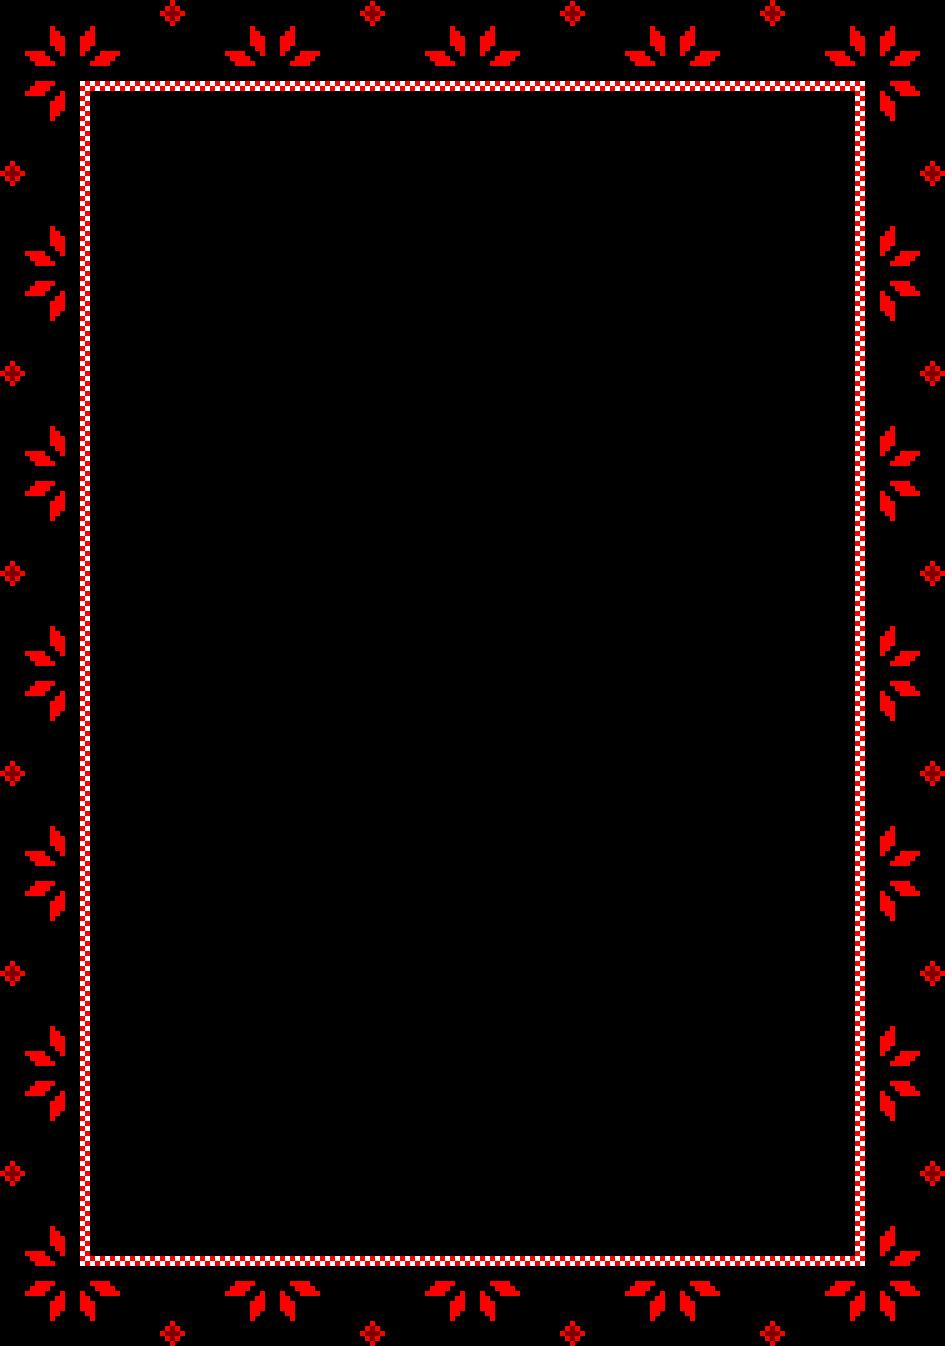 Украинский значок булавки волнистой флаг.